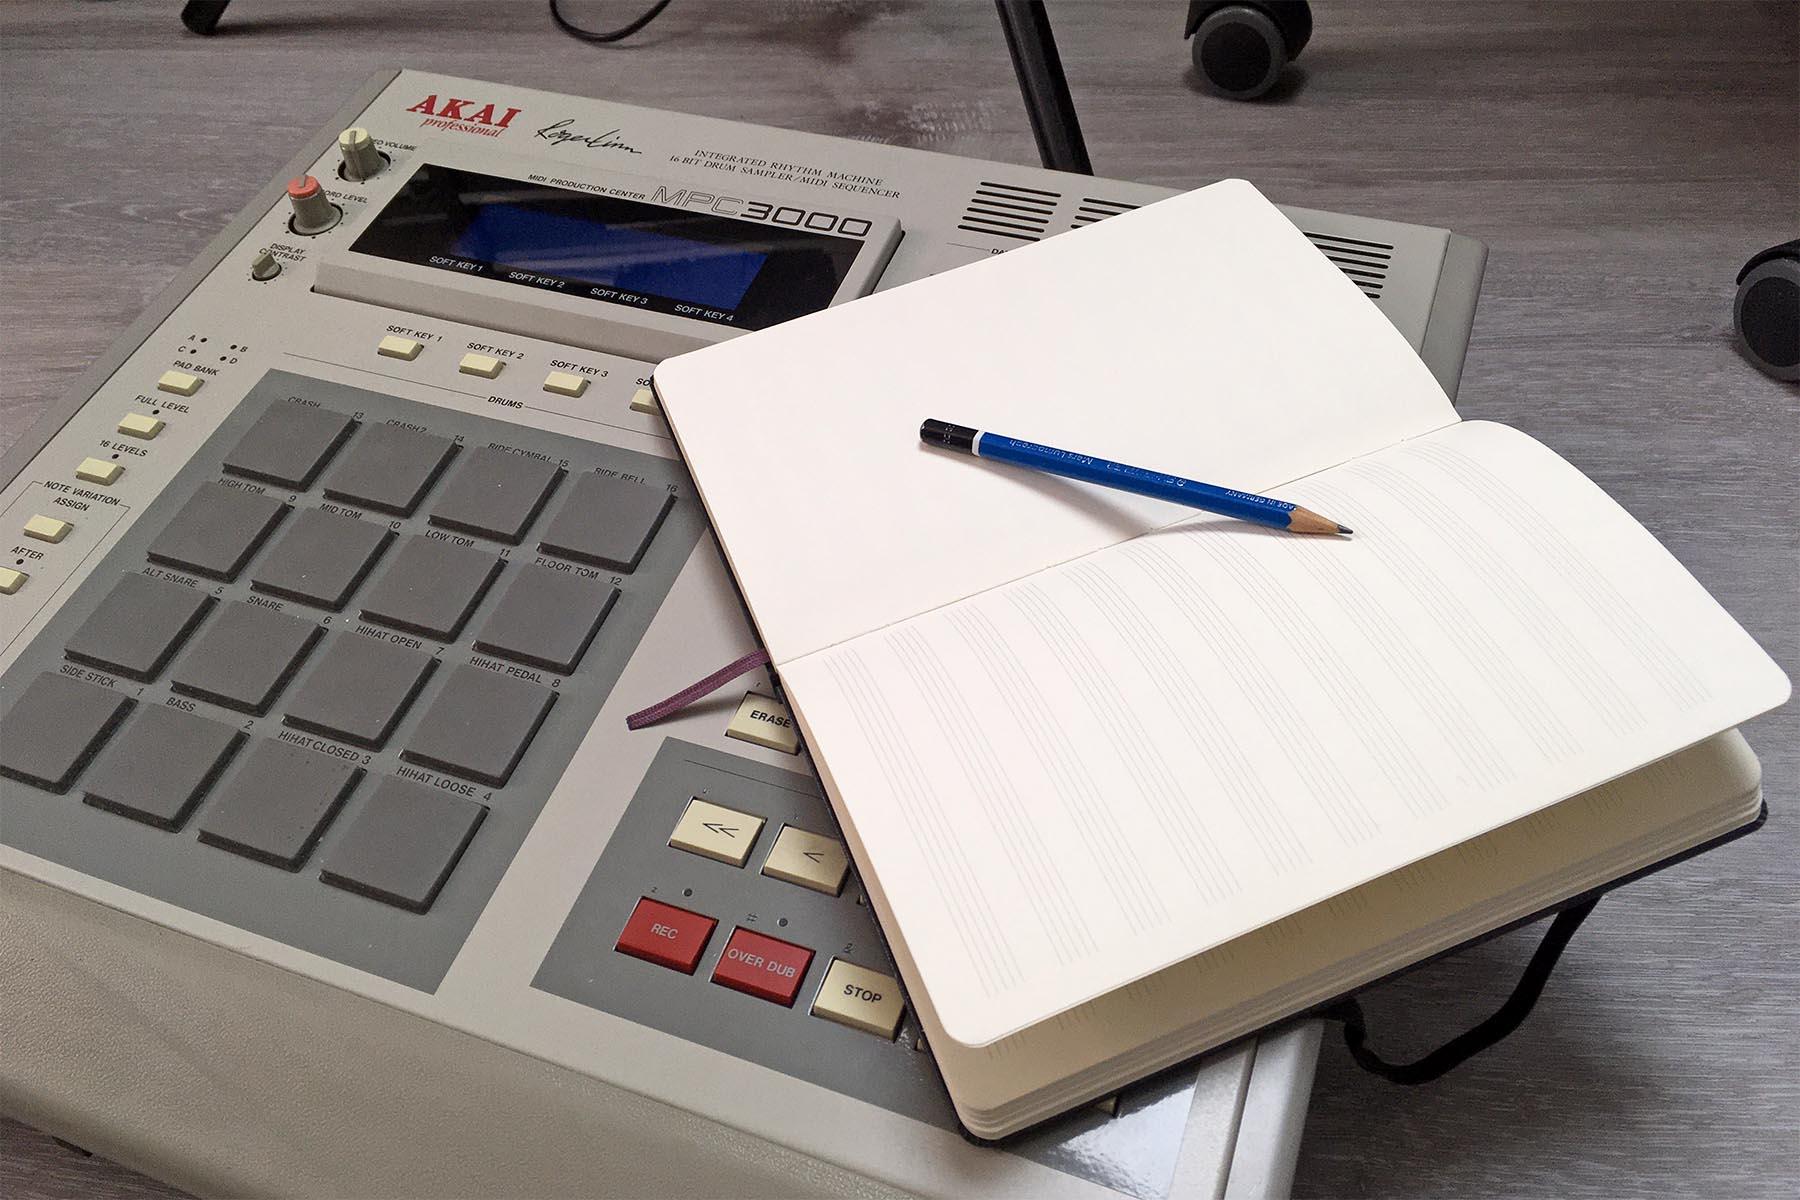 Studiossa MPC-rumpukoneen päällä on avonainen muistivihko ja lyijykynä.